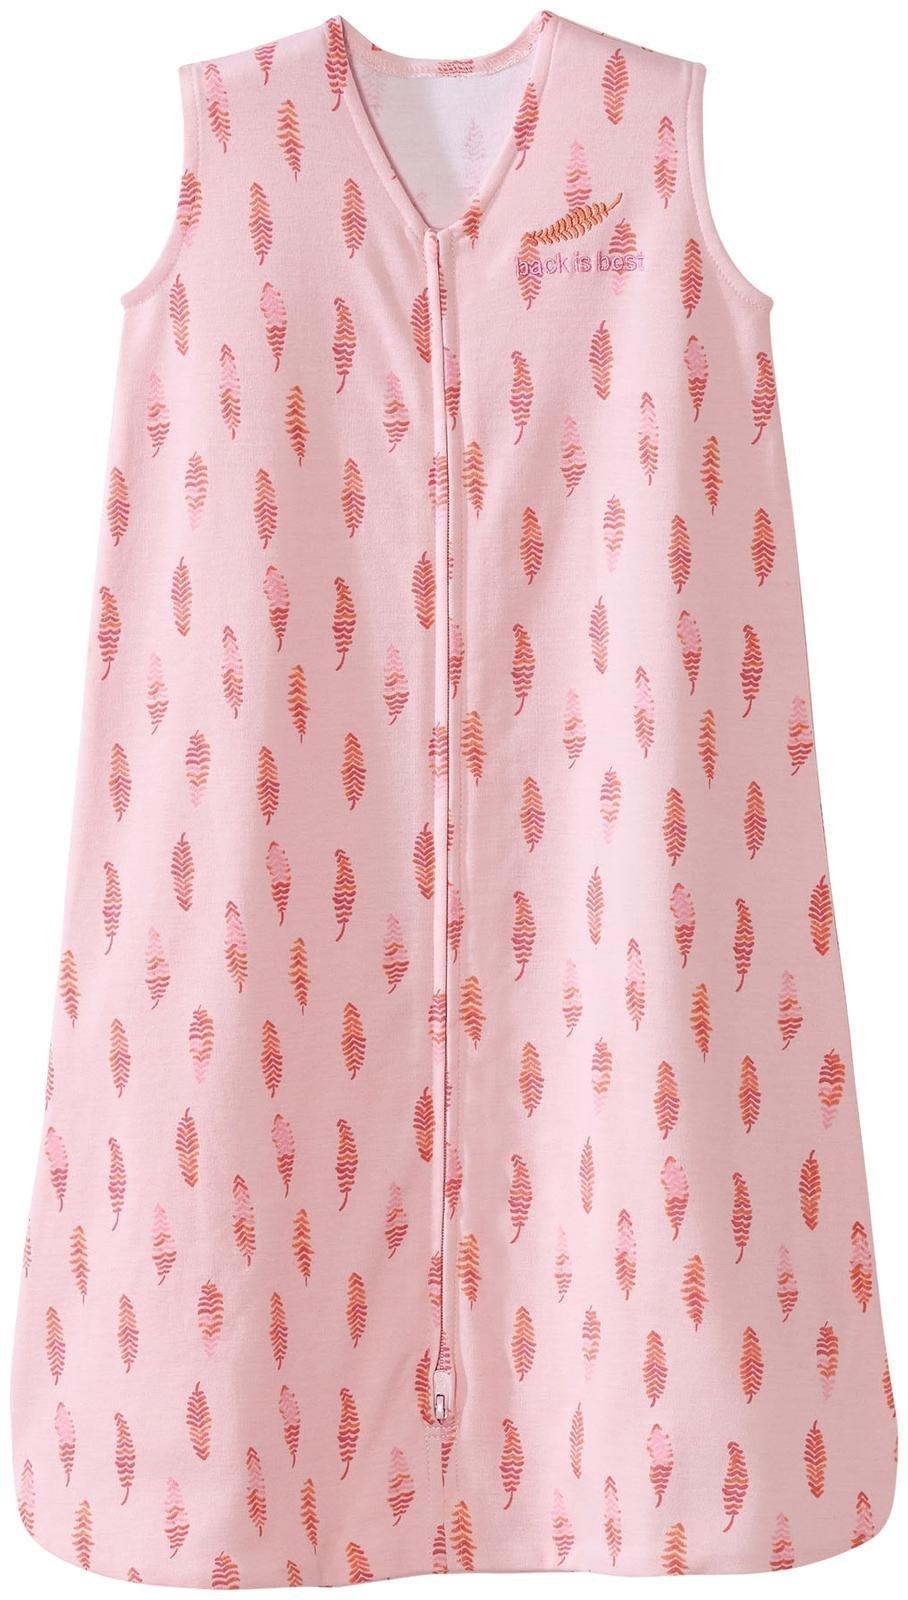 Halo Sleepsack, 100% Cotton, Pink, Small